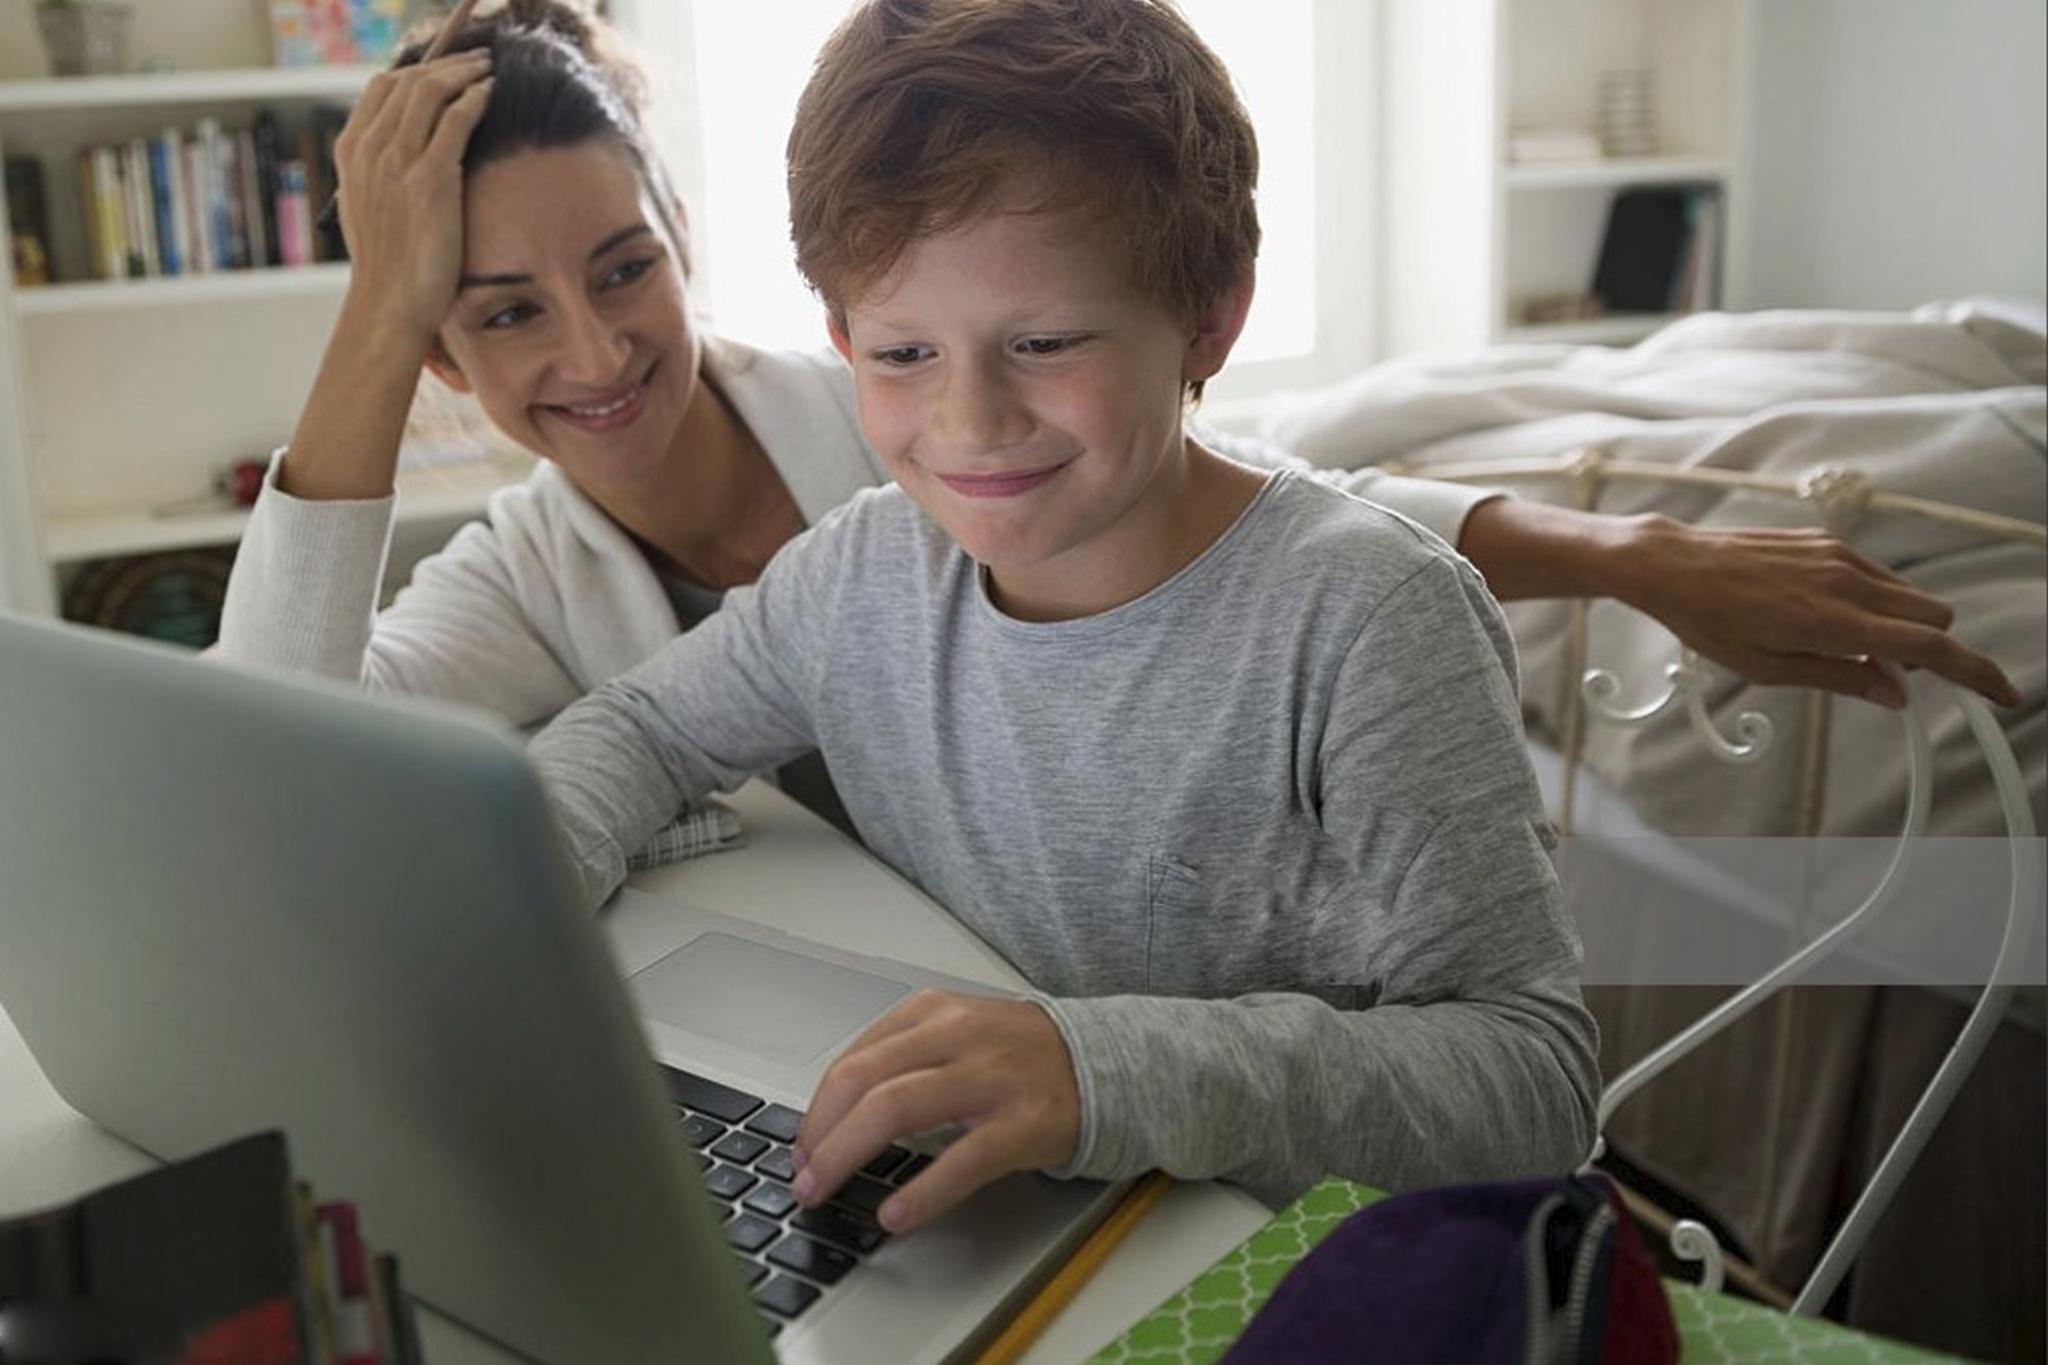 KINDER, JUGENDSCHUTZ & TECHNIK - Kinder sollten an Technik herangeführt werden. Allerdings nicht zu früh und wenn, dann durch die Eltern beaufsichtigt und begleitet. Wir vermitteln Eltern ein Bewusstsein für die Gefahren von Smartphone, Tablets und Computern, die ohne eine Kindersicherung zu einem gefährlichen Einfallstor für Körper, Geist und Seele werden können. Wir richten einen umfassenden Jugendschutz ein, den Eltern bequem selbst verwalten.